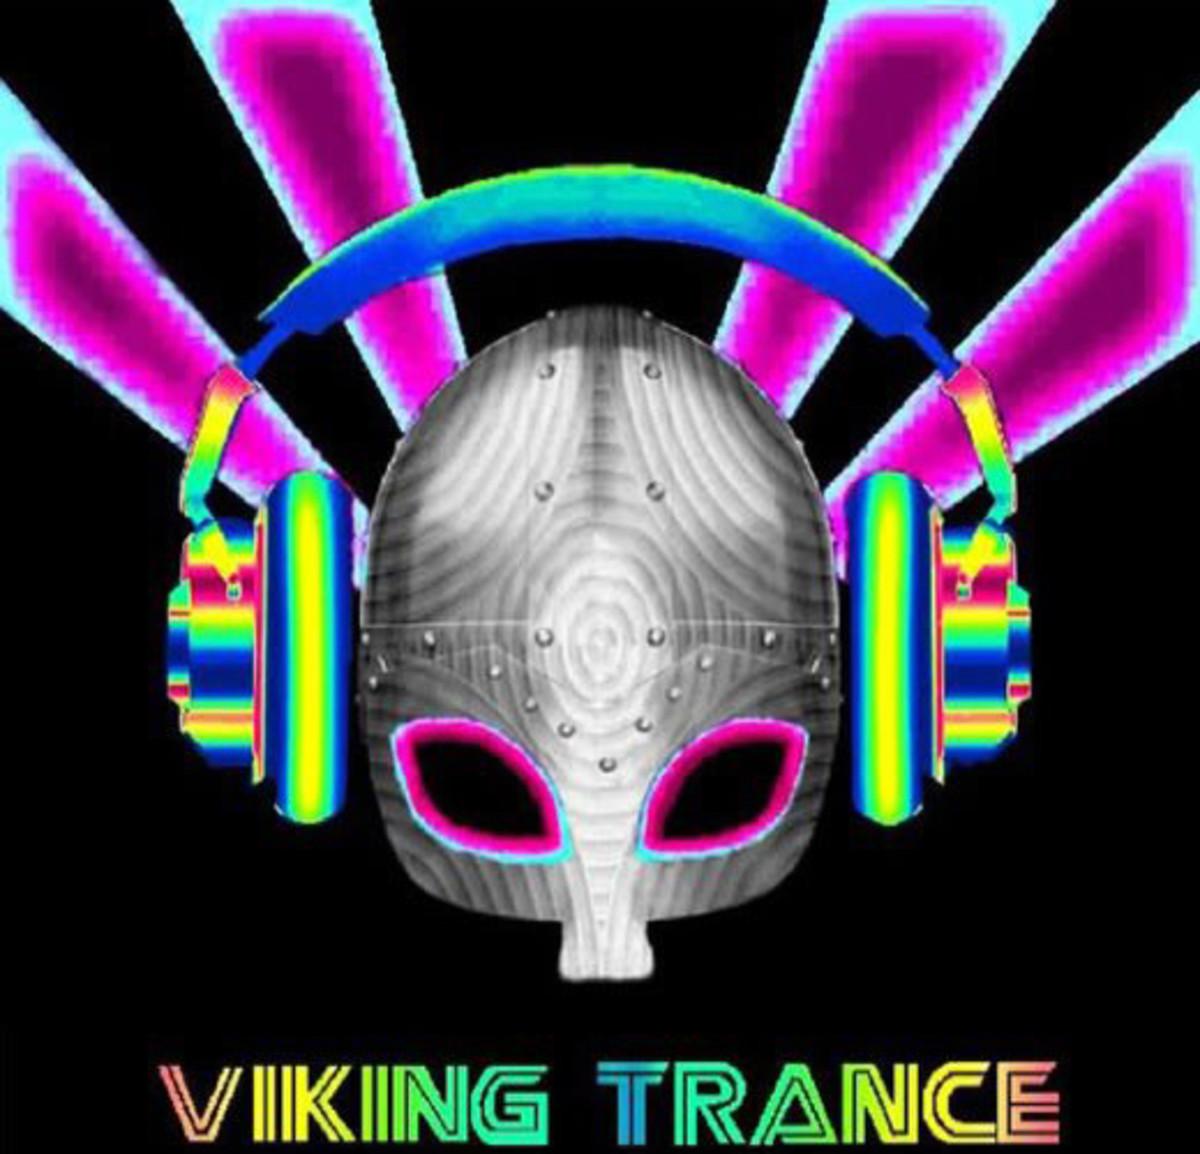 viking-trance